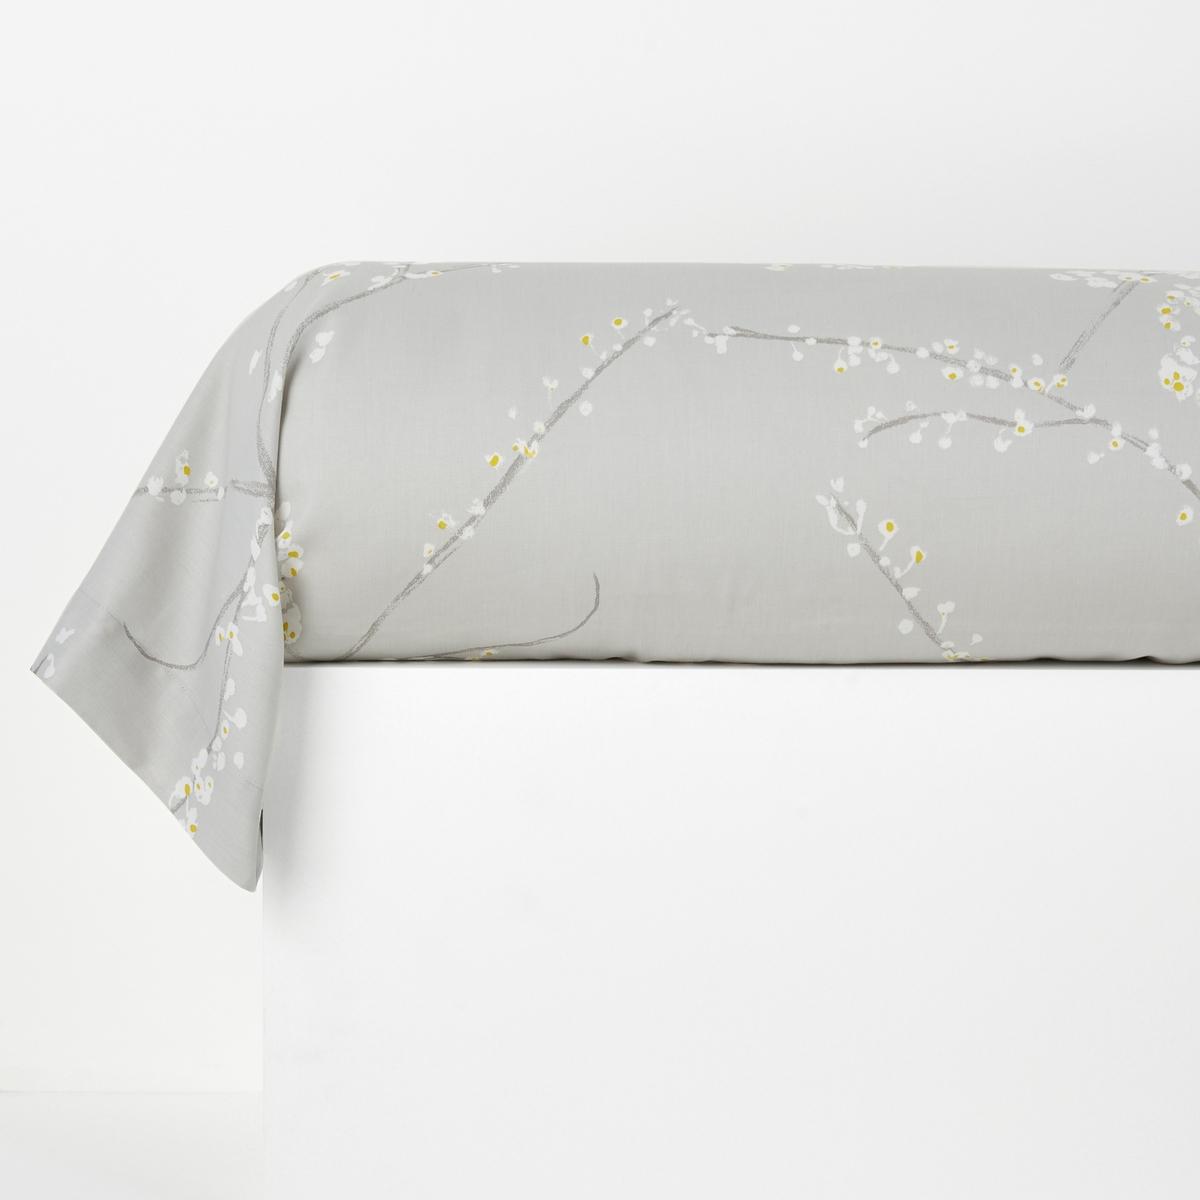 Наволочка La Redoute На подушку-валик из хлопка NATSUMI 85 x 185 см белый чехол la redoute на подушку валик ecaille 45 x 45 см синий